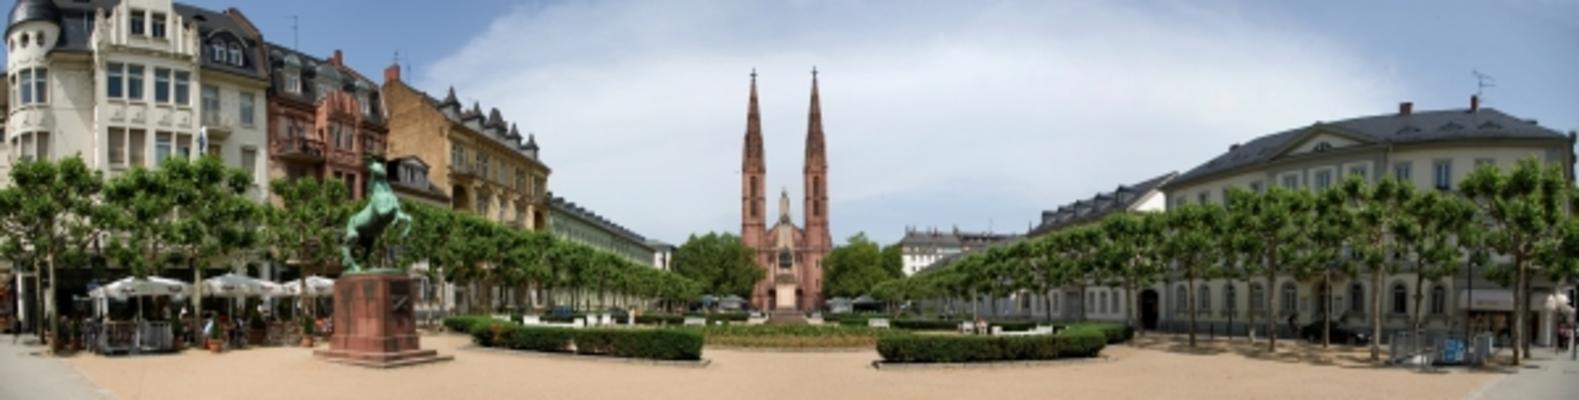 - luisenplatz_wiesbaden_hi